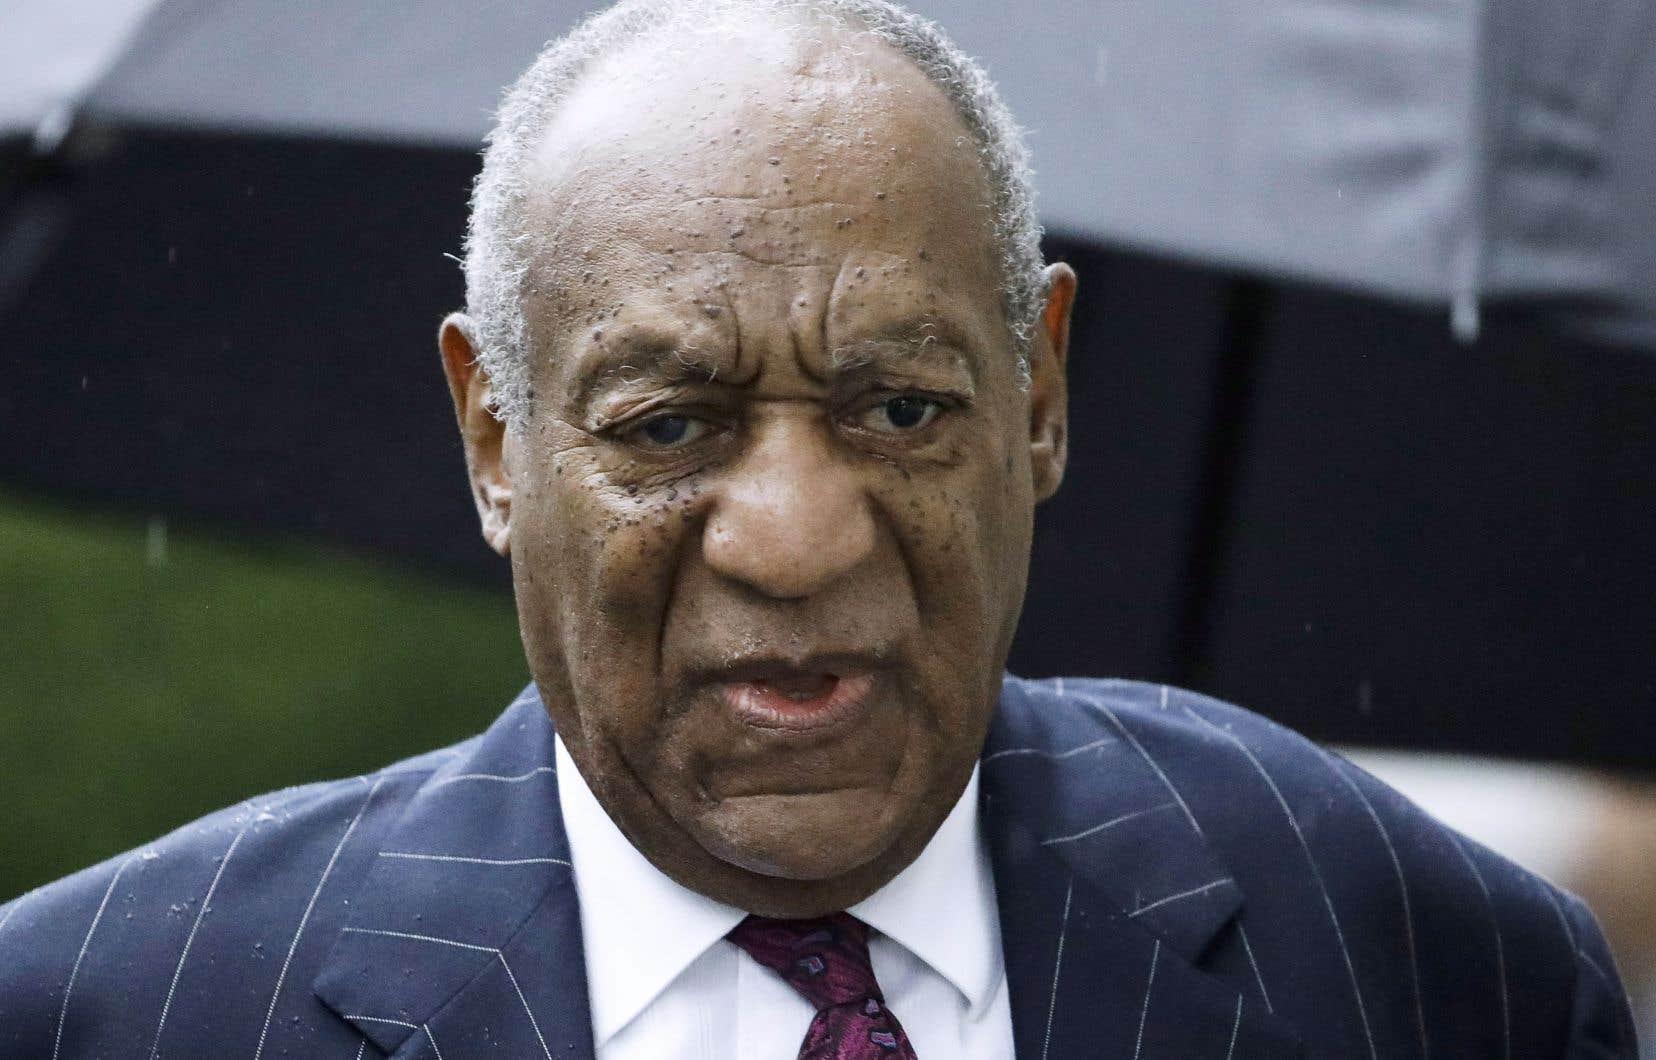 En 2018, Bill Cosby a été condamné à une peine d'emprisonnement de 3 à 10 ans pour agression sexuelle.